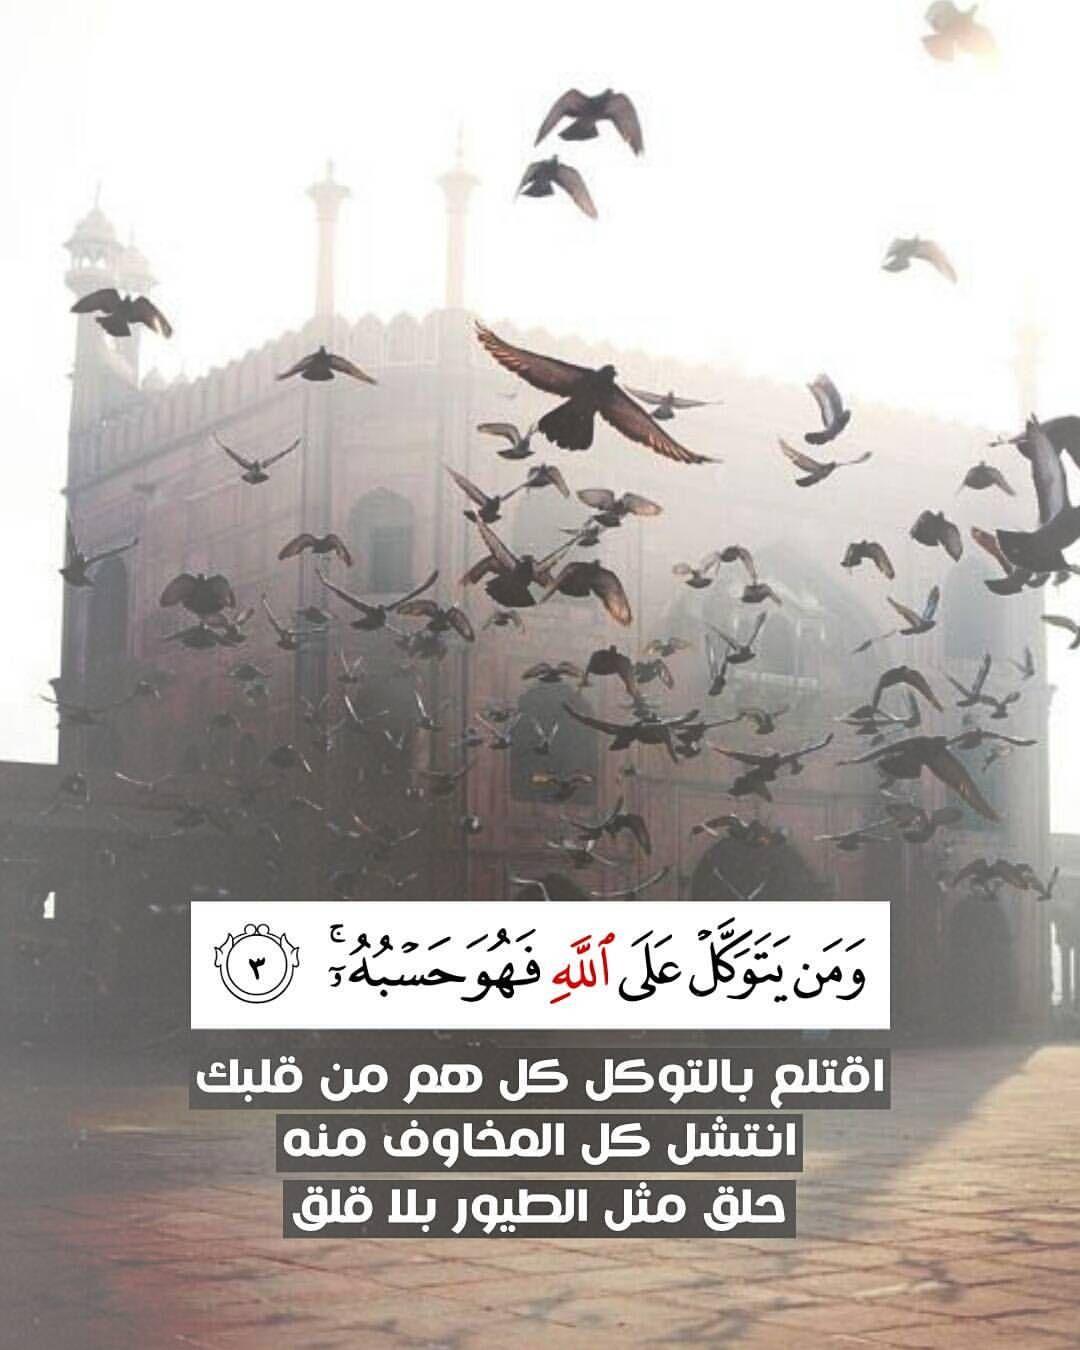 ومن يتوكل على الله فهو حسبه اقتلع بالتوكل كل هم من قلبك انتشل كل المخاوف منه حلق مثل الطيور بلا قلق Beautiful Quran Quotes Quran Verses Quran